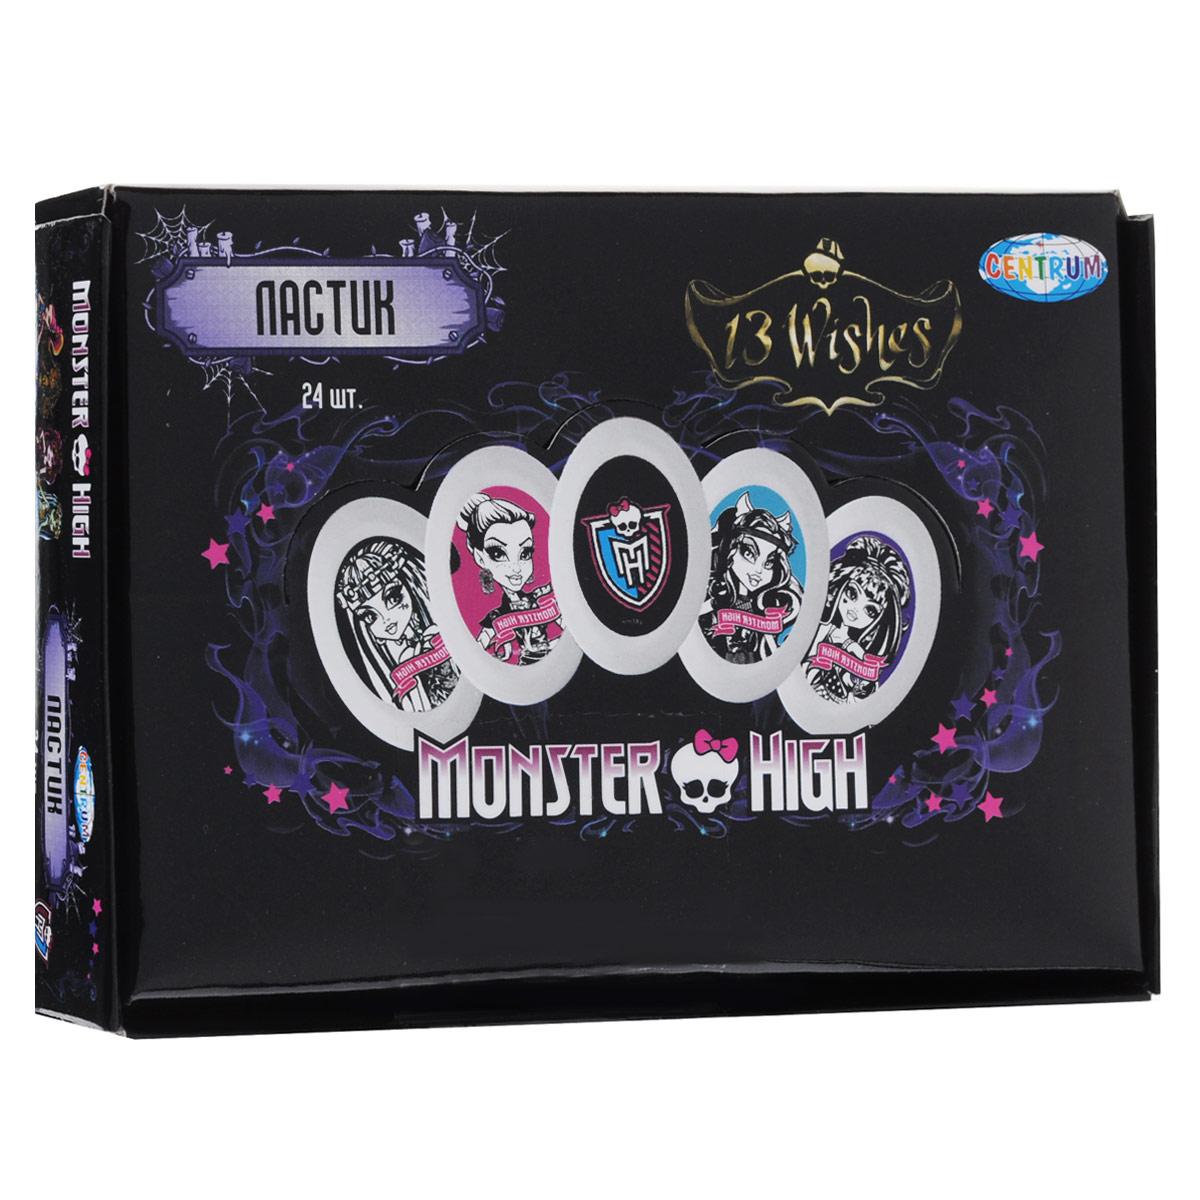 Набор ластиков Monster High, 24 шт011309Ластики из набора Monster High предназначены для стирания карандашей с бумаги различной плотности.Овальные ластики выполнены из синтетического каучука белого цвета. Каждый ластик оформлен изображением одного из персонажей популярного мультсериала Monster High (Школа Монстров).В наборе 24 ластика, упакованных в отдельные пакеты.